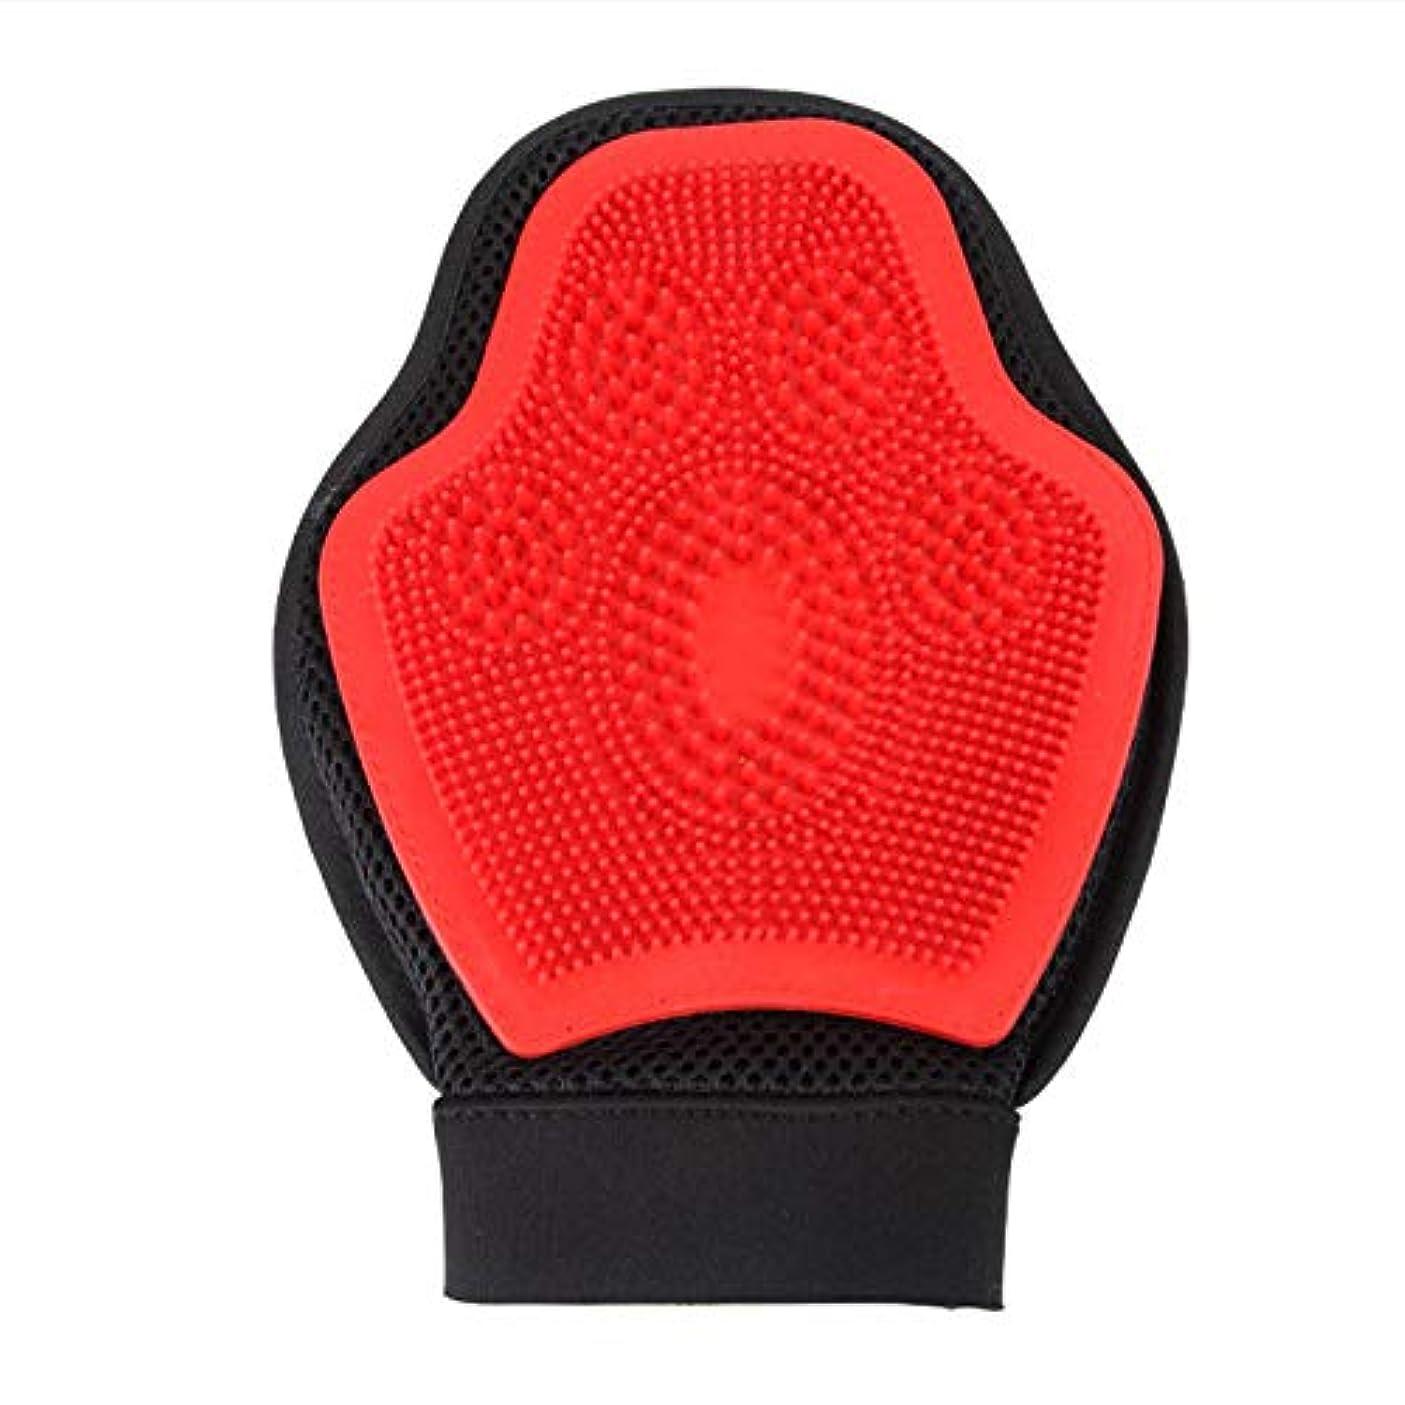 真向こう領事館干渉するBTXXYJP 手袋 ペット ブラシ グローブ 猫 ブラシ クリーナー 抜け毛取り ブラッシング マッサージブラシ 犬 グローブ ペット毛取りブラシ お手入れ (Color : Red, Size : L)